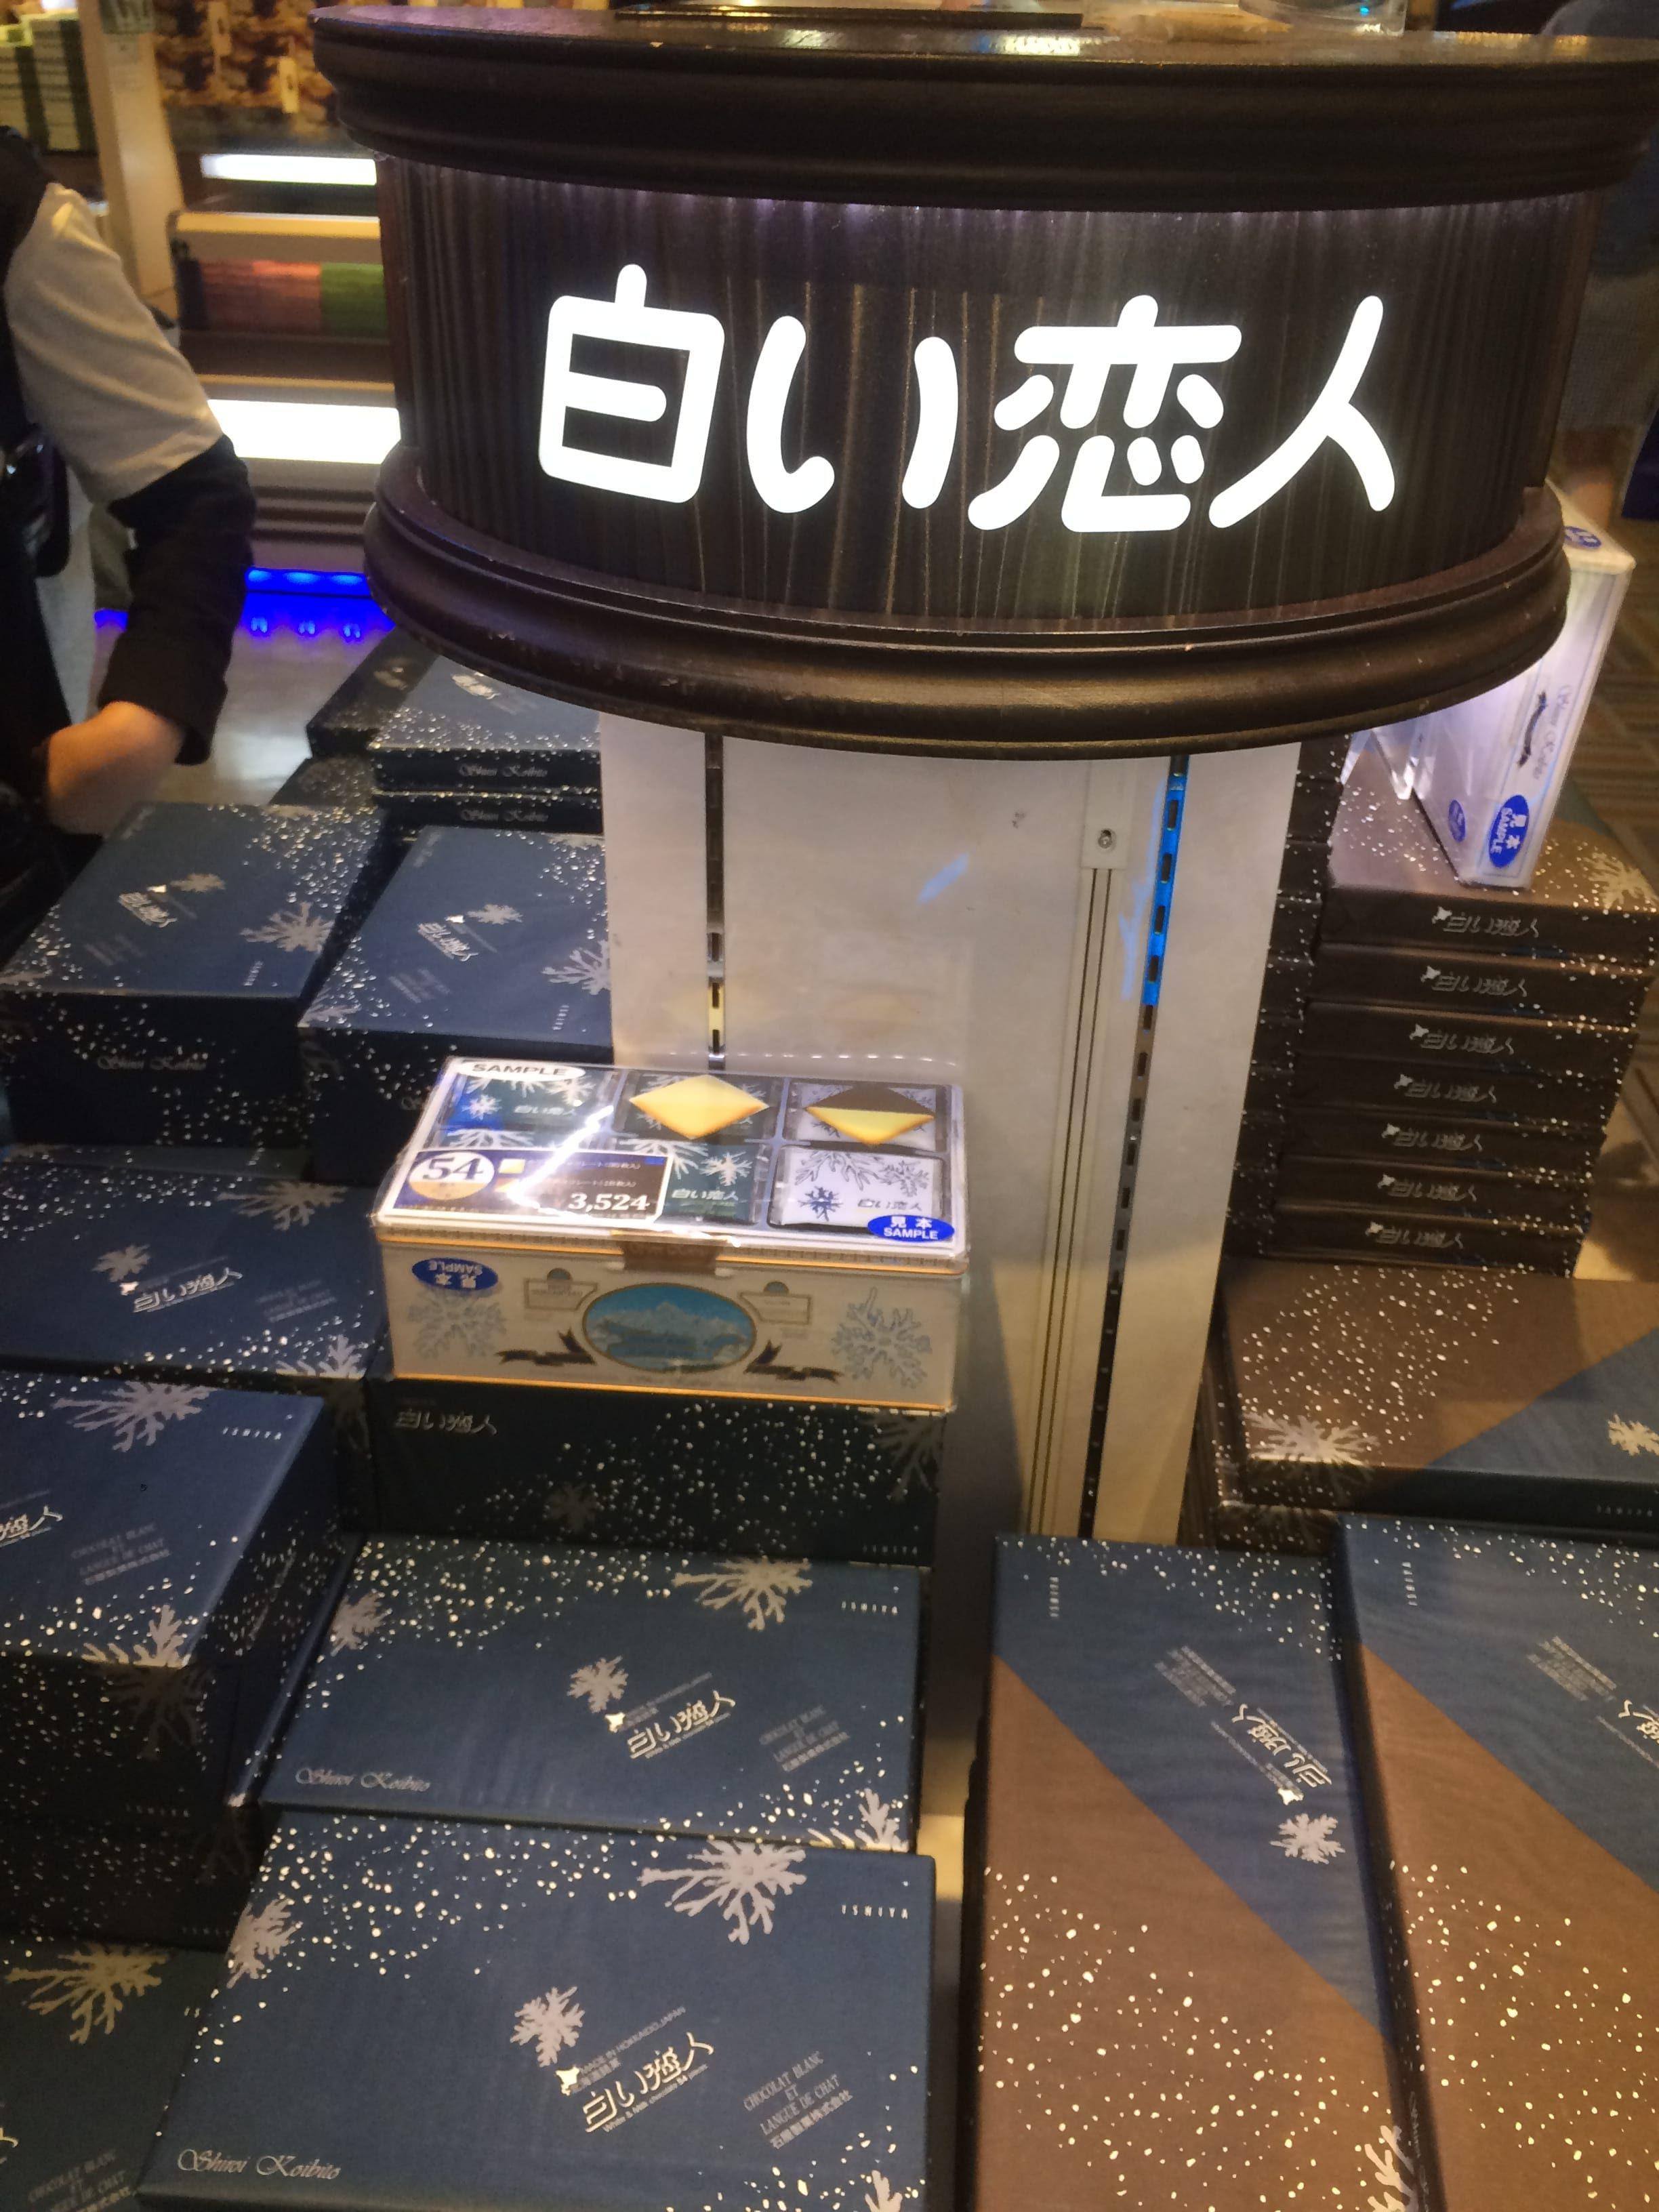 白い恋人/BLUE SKY(ブルースカイ)出国後ゲート内エリア